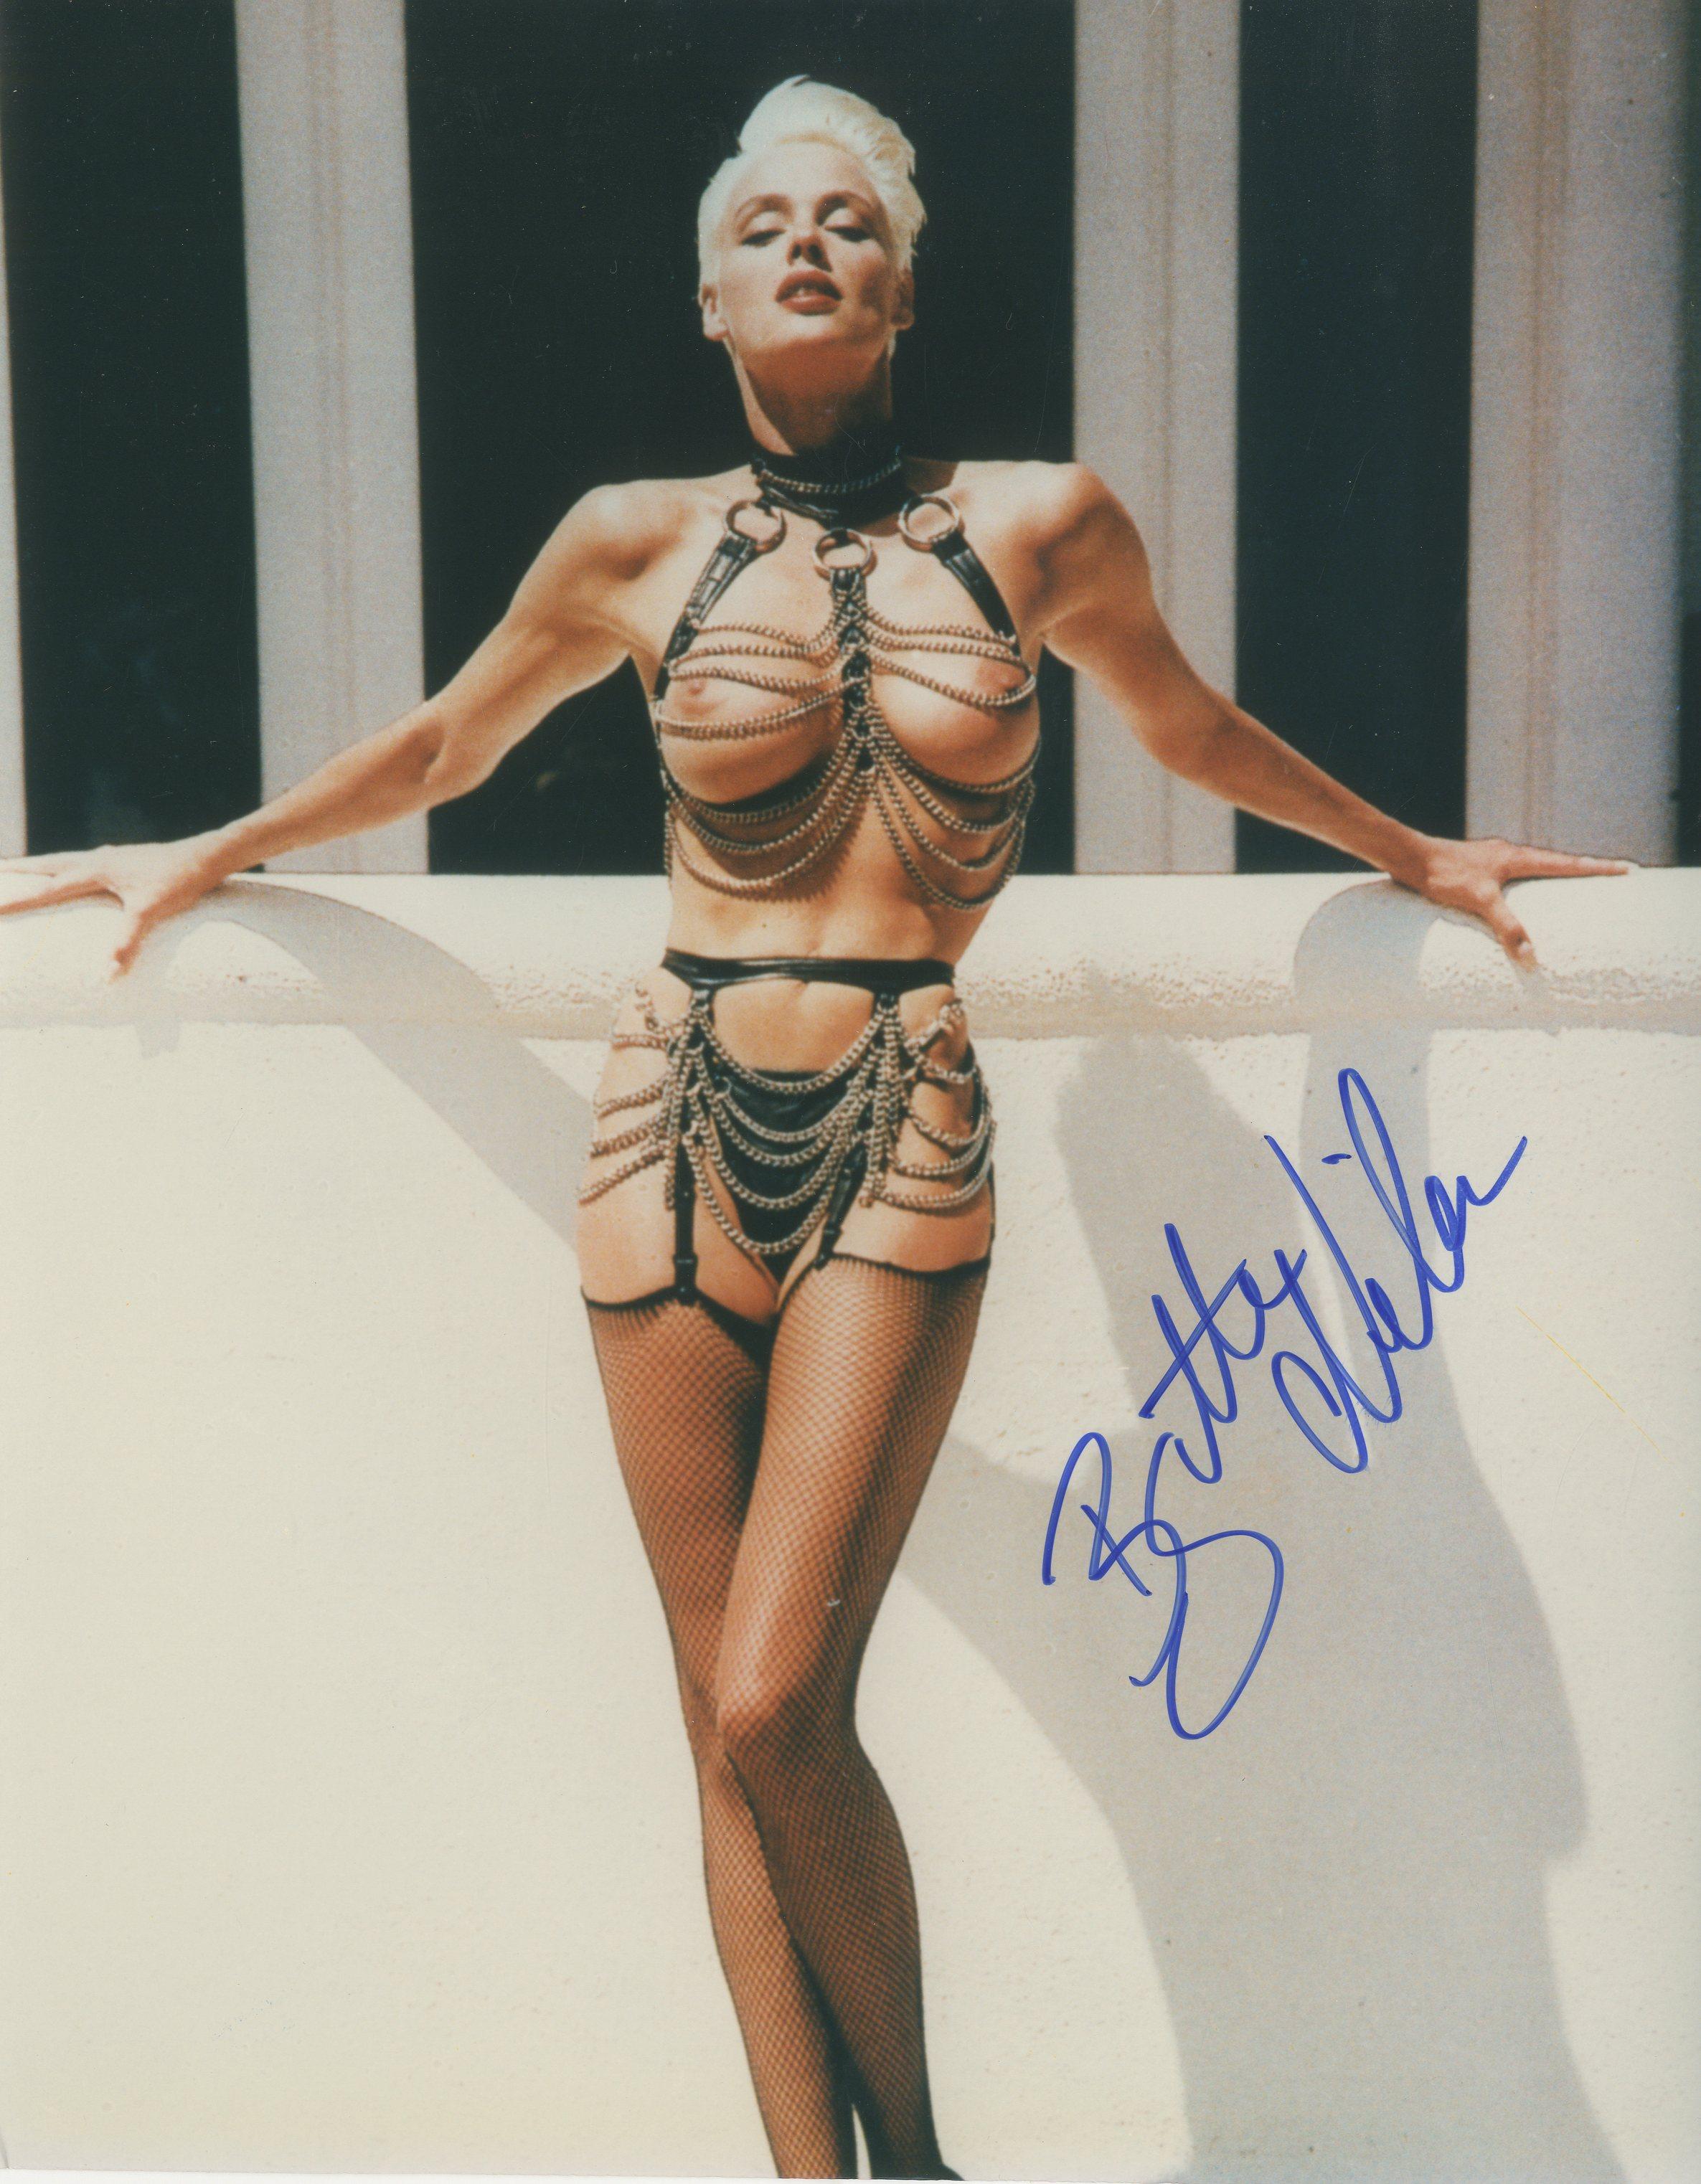 Lot 170 - NIELSEN BRIGITTE: (1963- ) Danish Actress & Model.